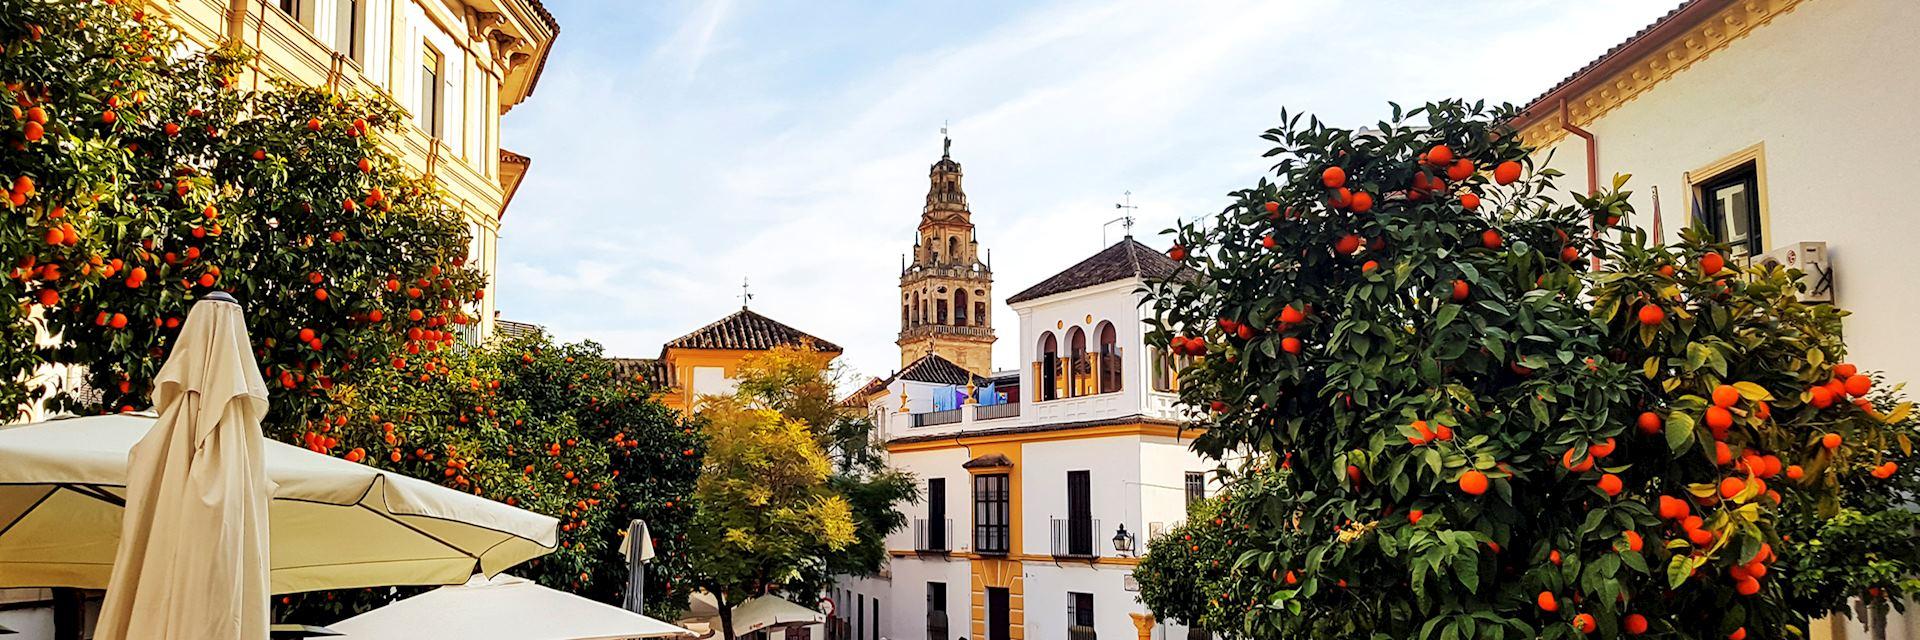 Sevilla Old Town